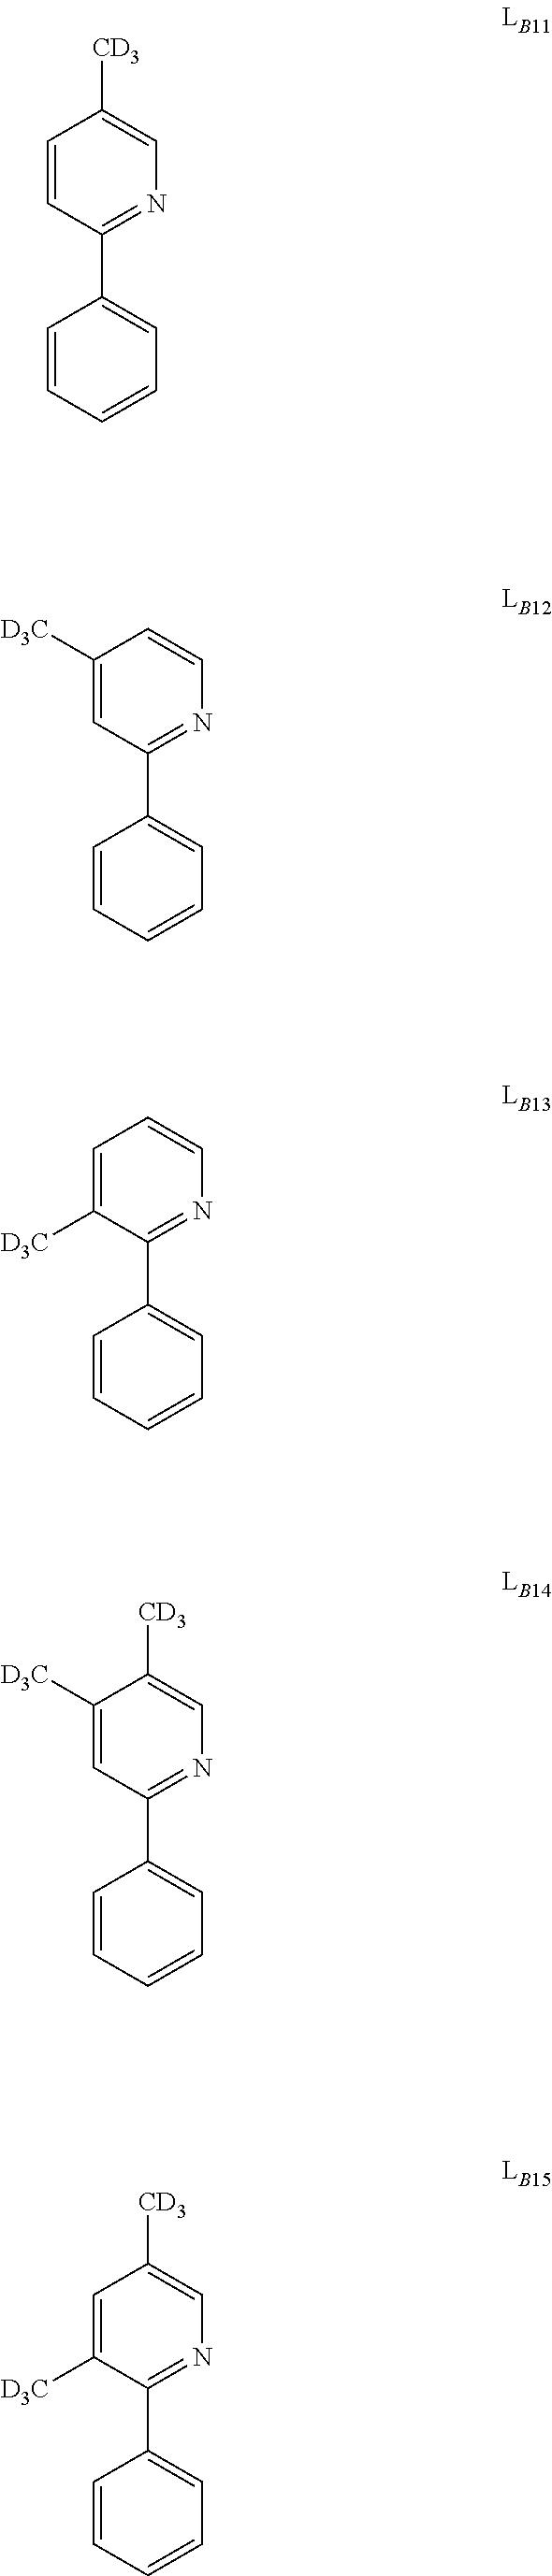 Figure US09634264-20170425-C00080